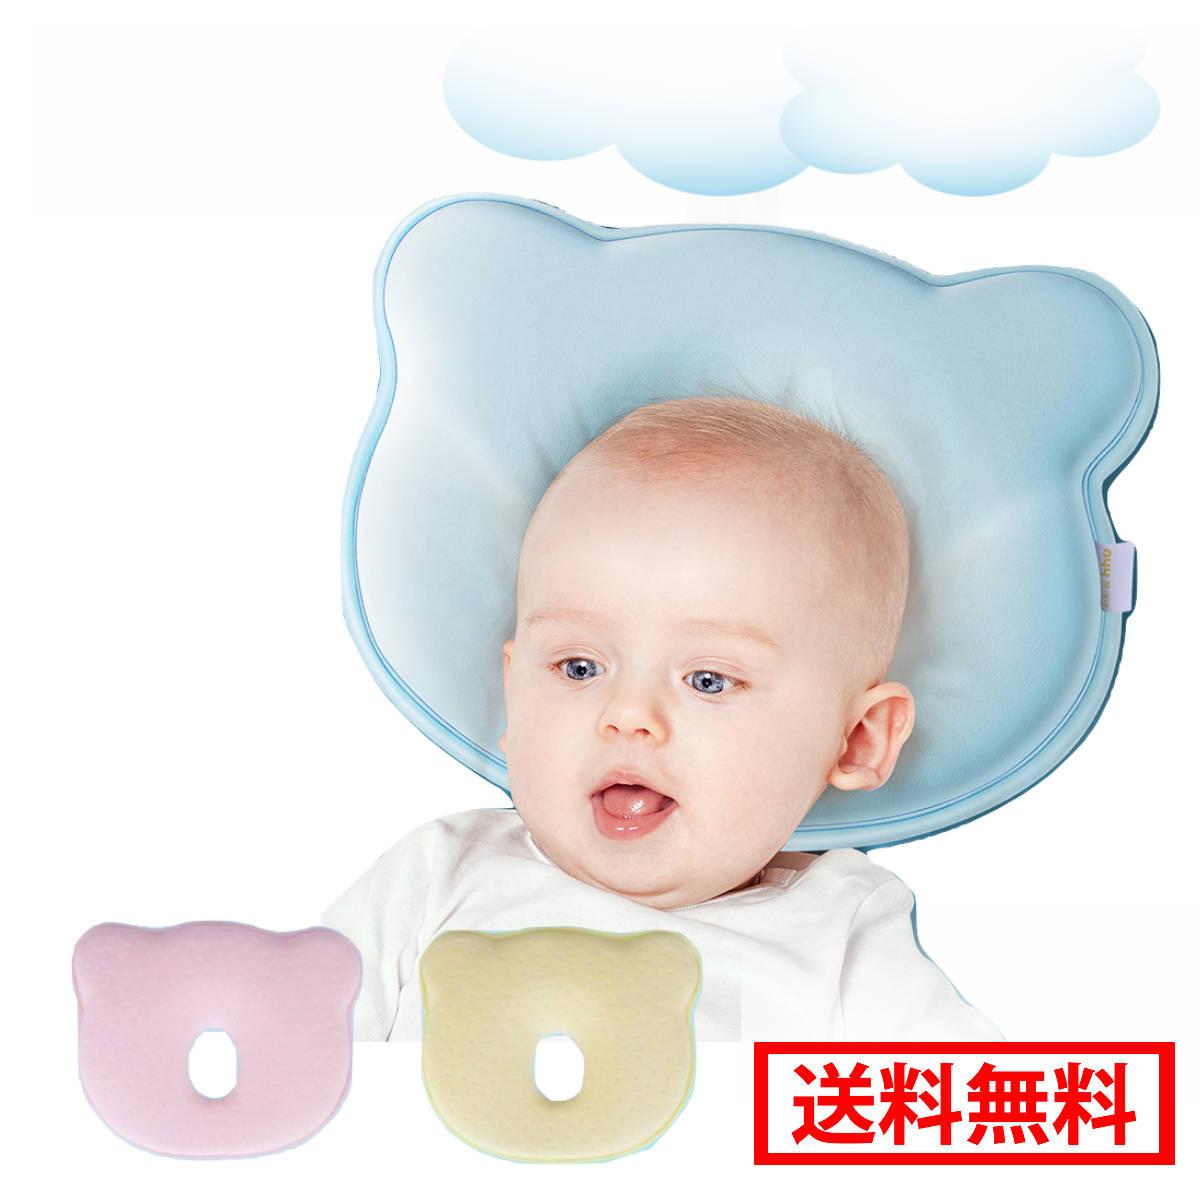 ベビー枕 赤ちゃん枕 新生児 ドーナツ枕 絶壁防止 送料無料 ベビーまくら 頭の形 吐き戻し 頭の形が良くなる 寝ハゲ対策 絶壁 激安価格と即納で通信販売 正規逆輸入品